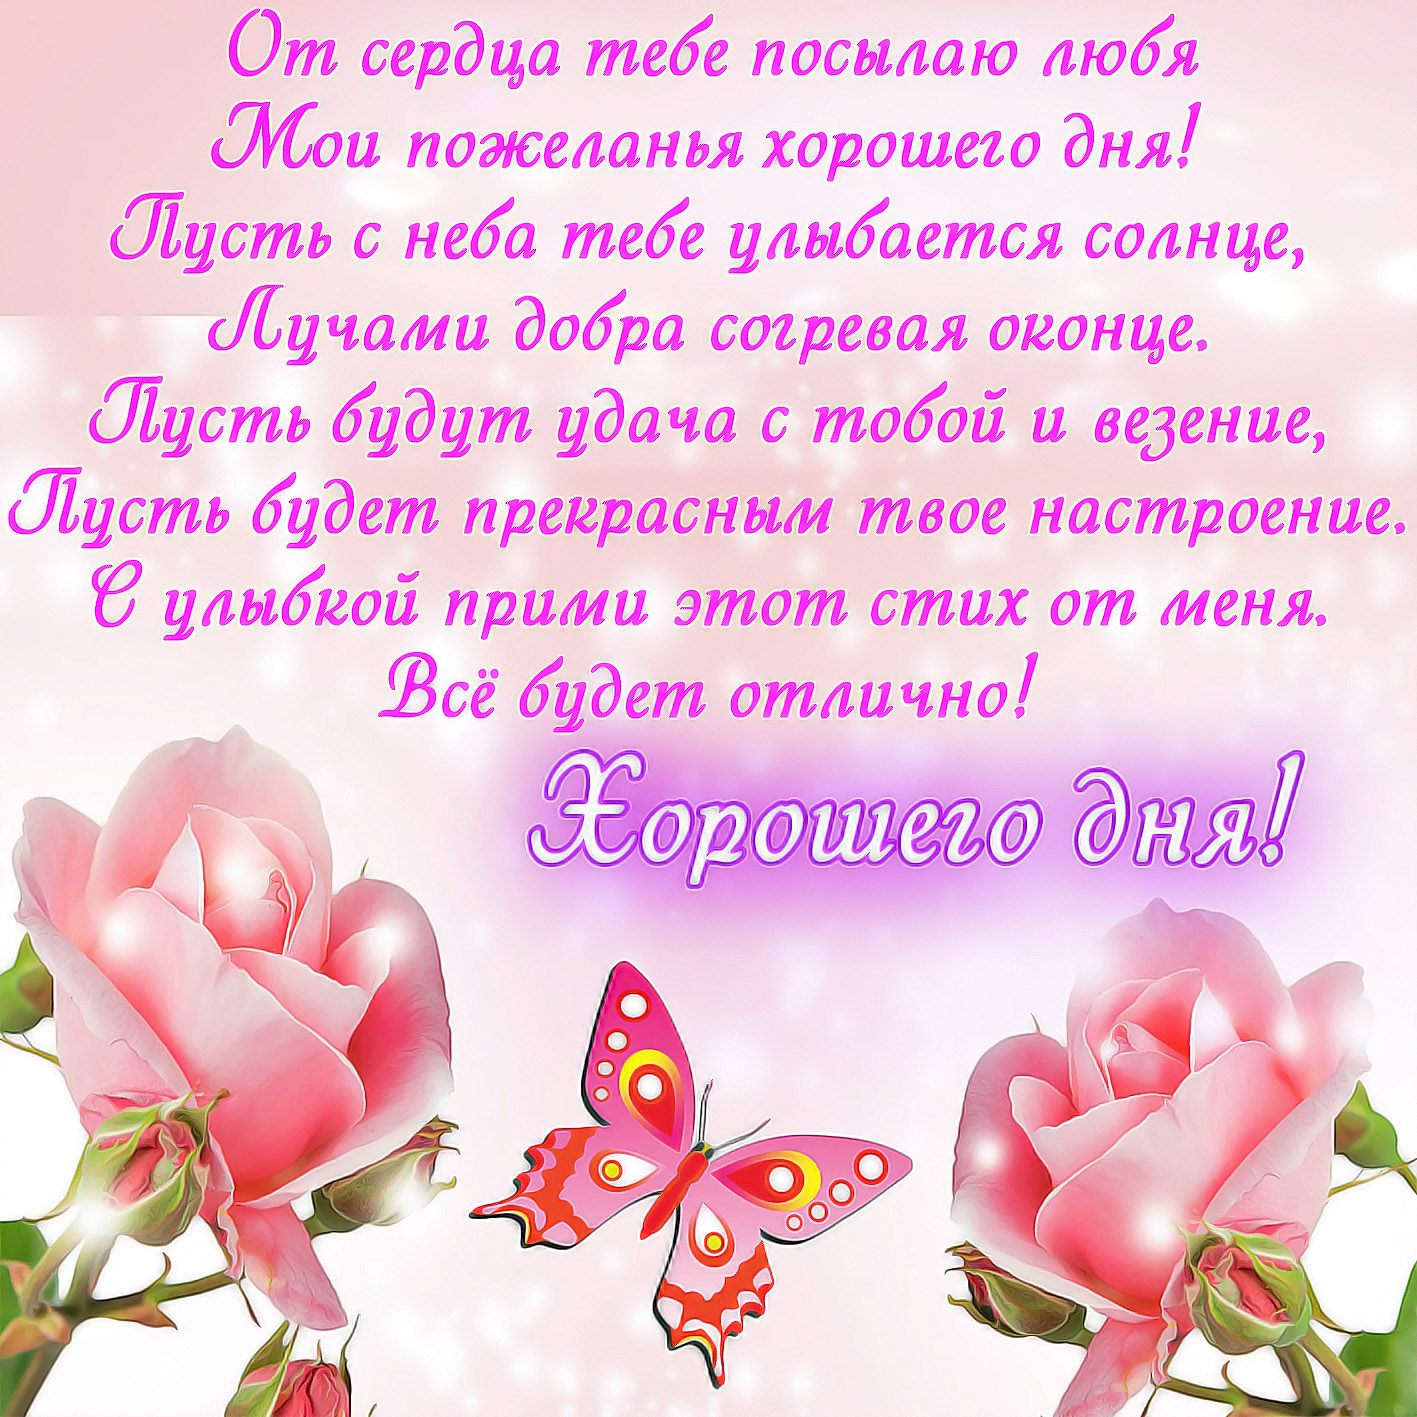 Пожелание хорошего дня любимой девушке открытки, открытки марта